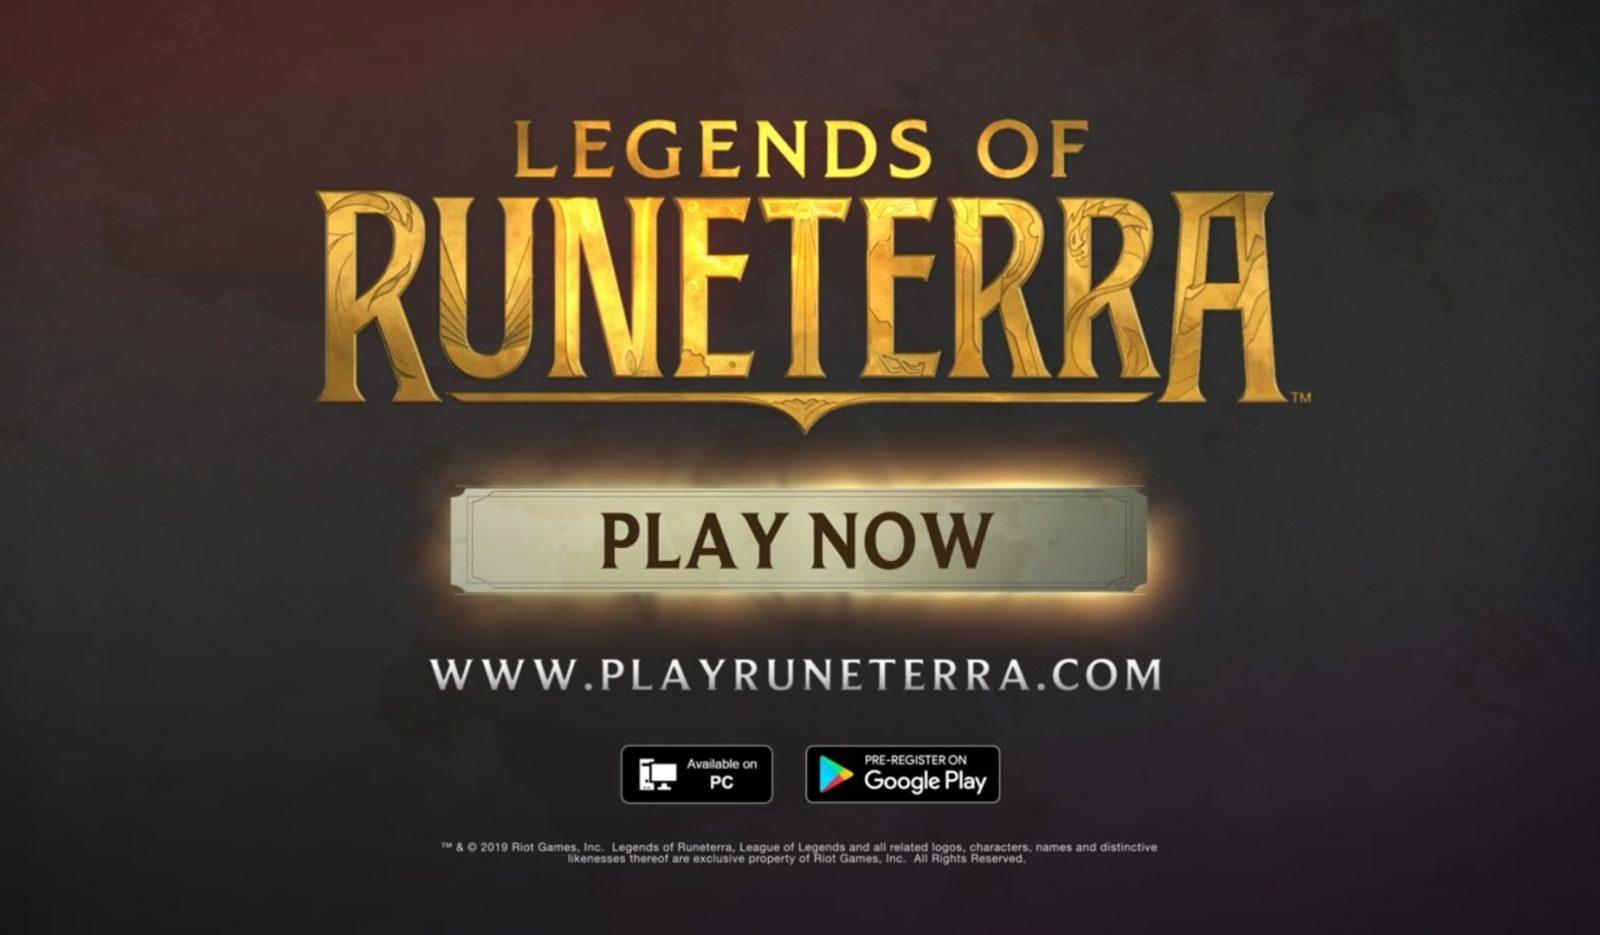 Карточная игра Legends of Runeterra по вселенной League of Legends, стала доступна в Сингапуре